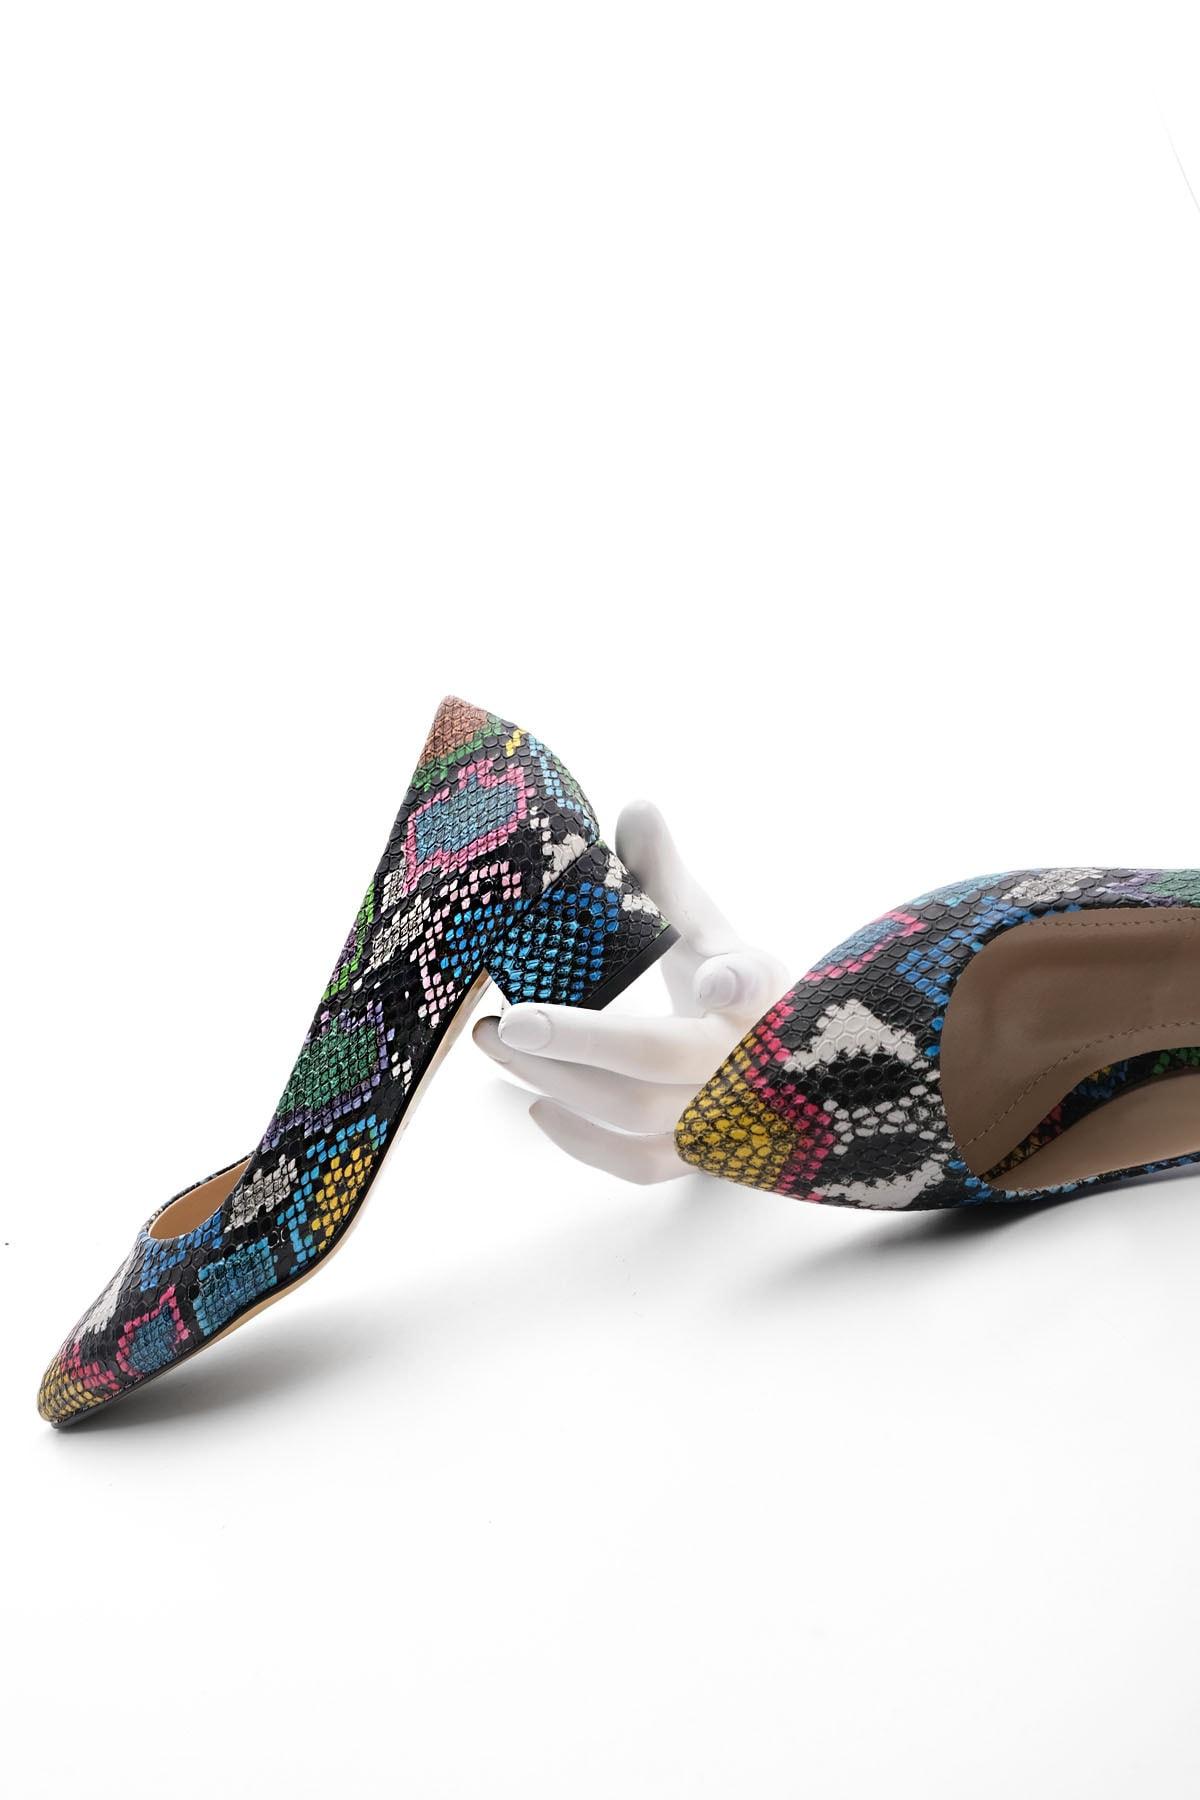 Kadın Günlük Klasik Topuklu Ayakkabı Apuntemulti 1